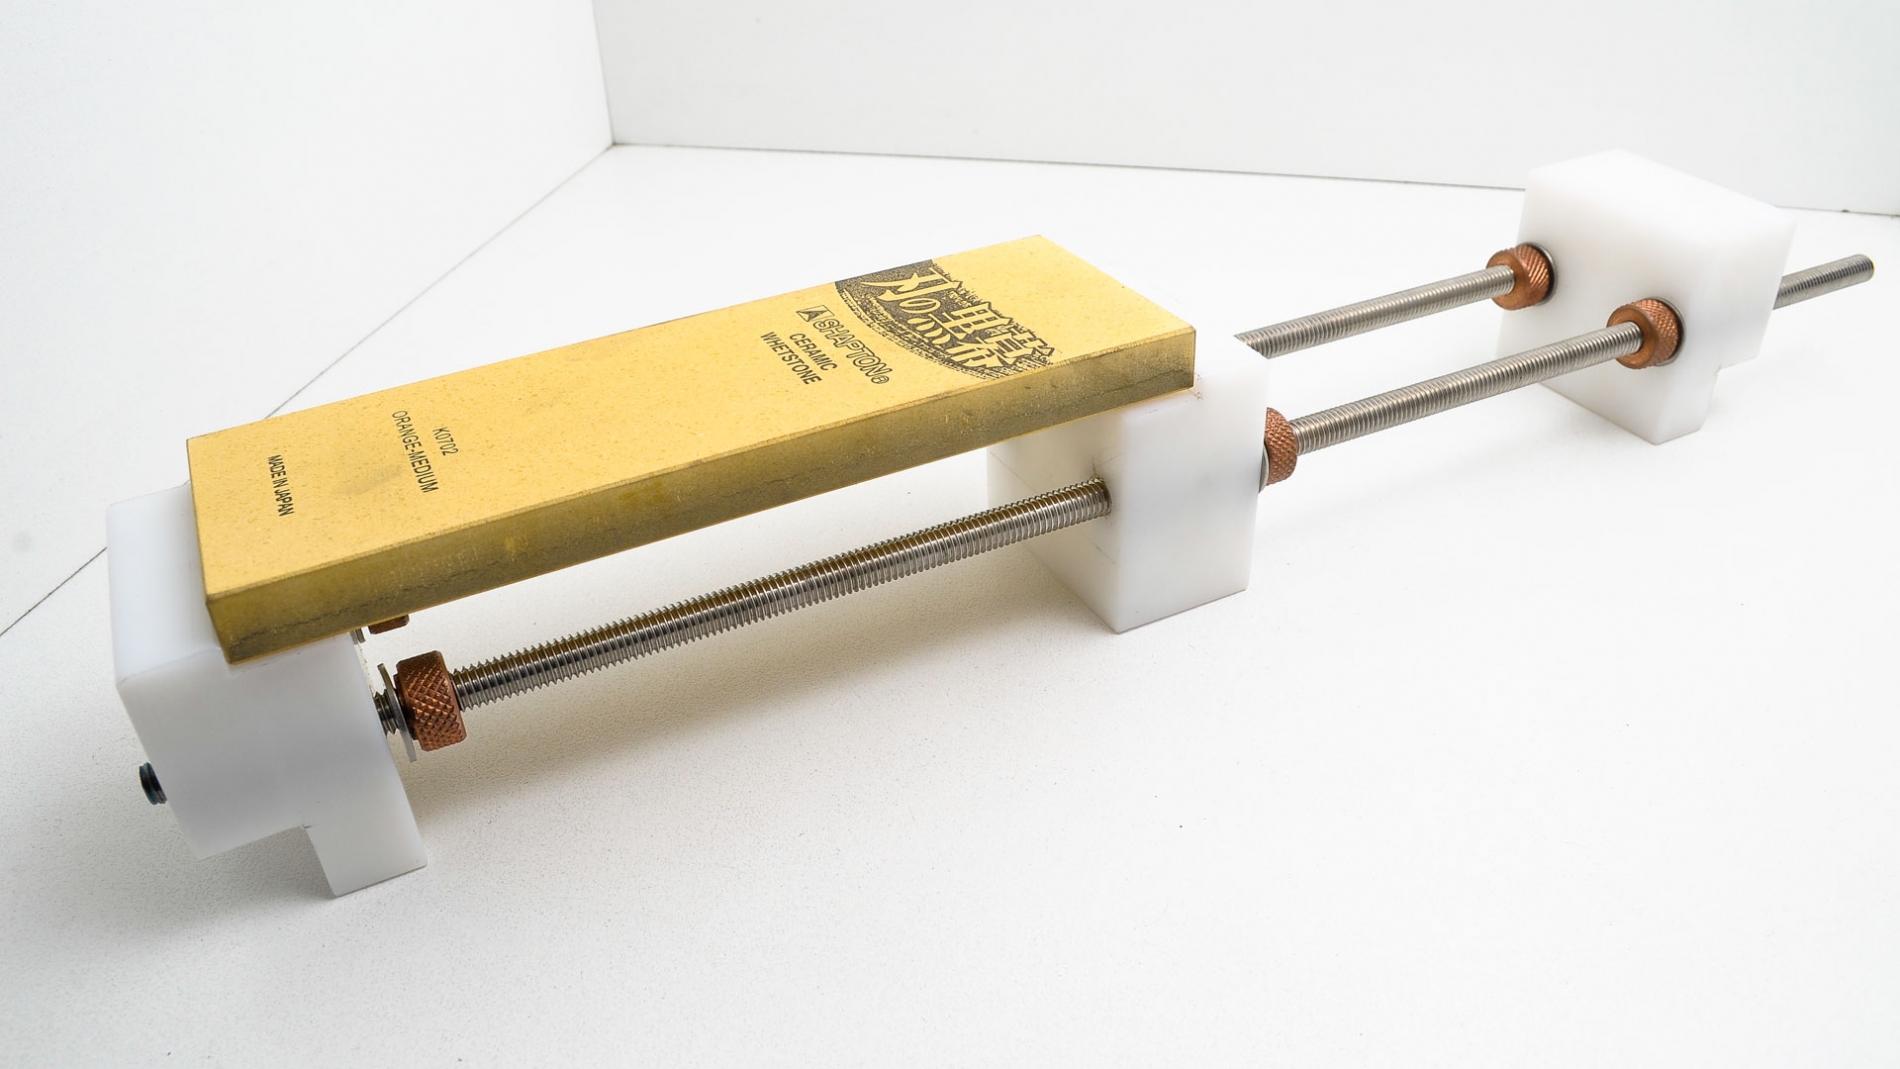 GUB0022-Soporte para piedras de afilar puente sobre la poza de lavadero GUB0022-max-1.